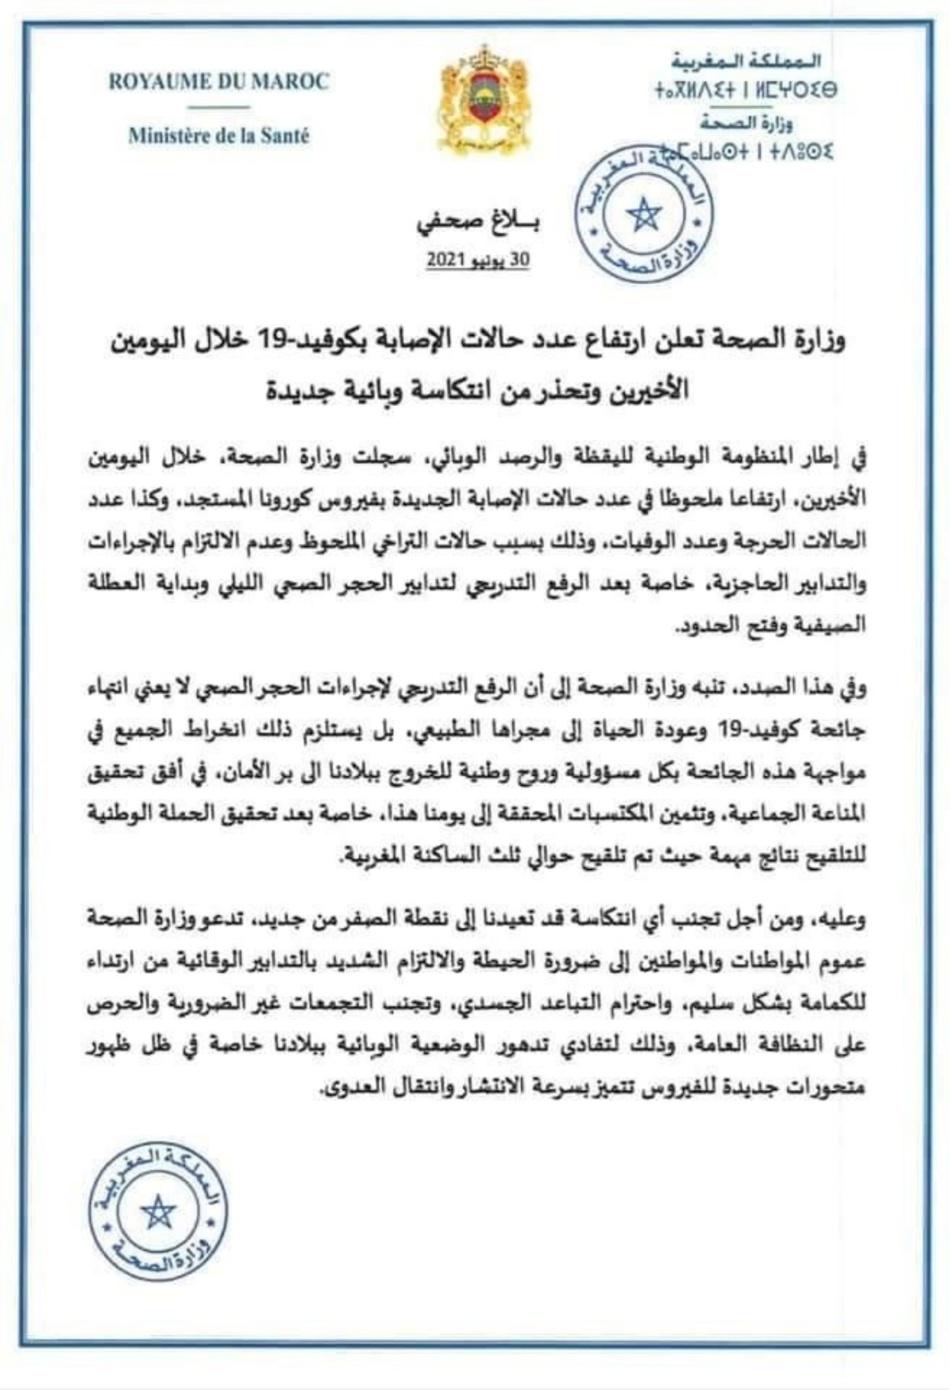 وزارة الصحة تحذر من انتكاسة وبائية جديدة قد تضرب المغرب